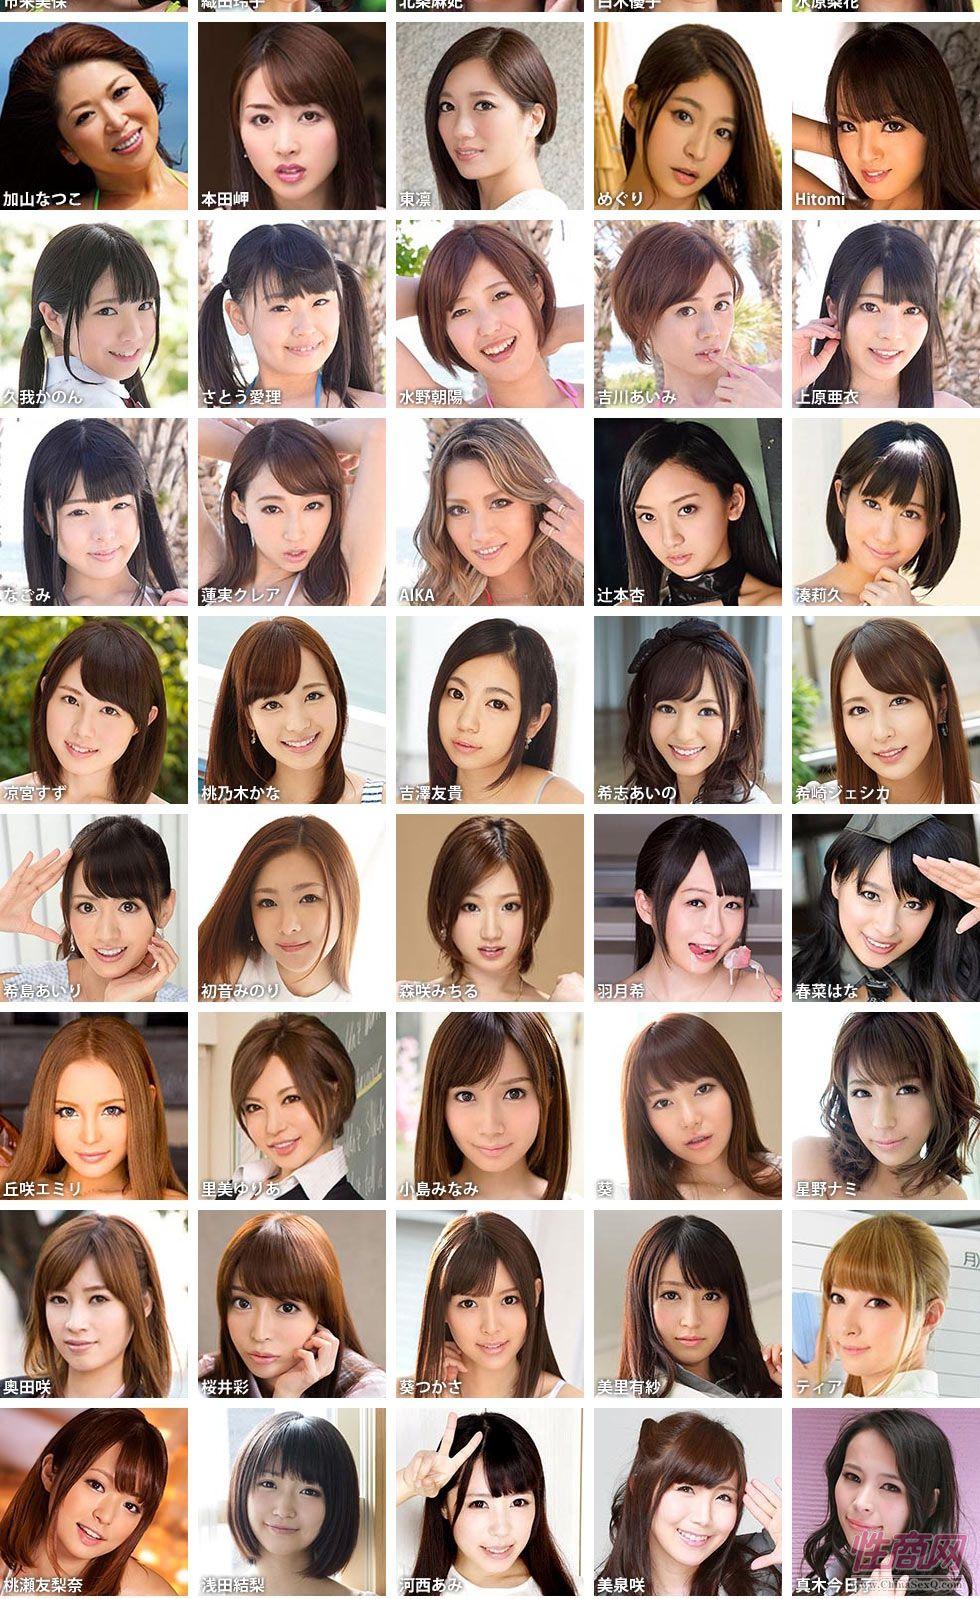 参加2015日本成人展的女优名单3